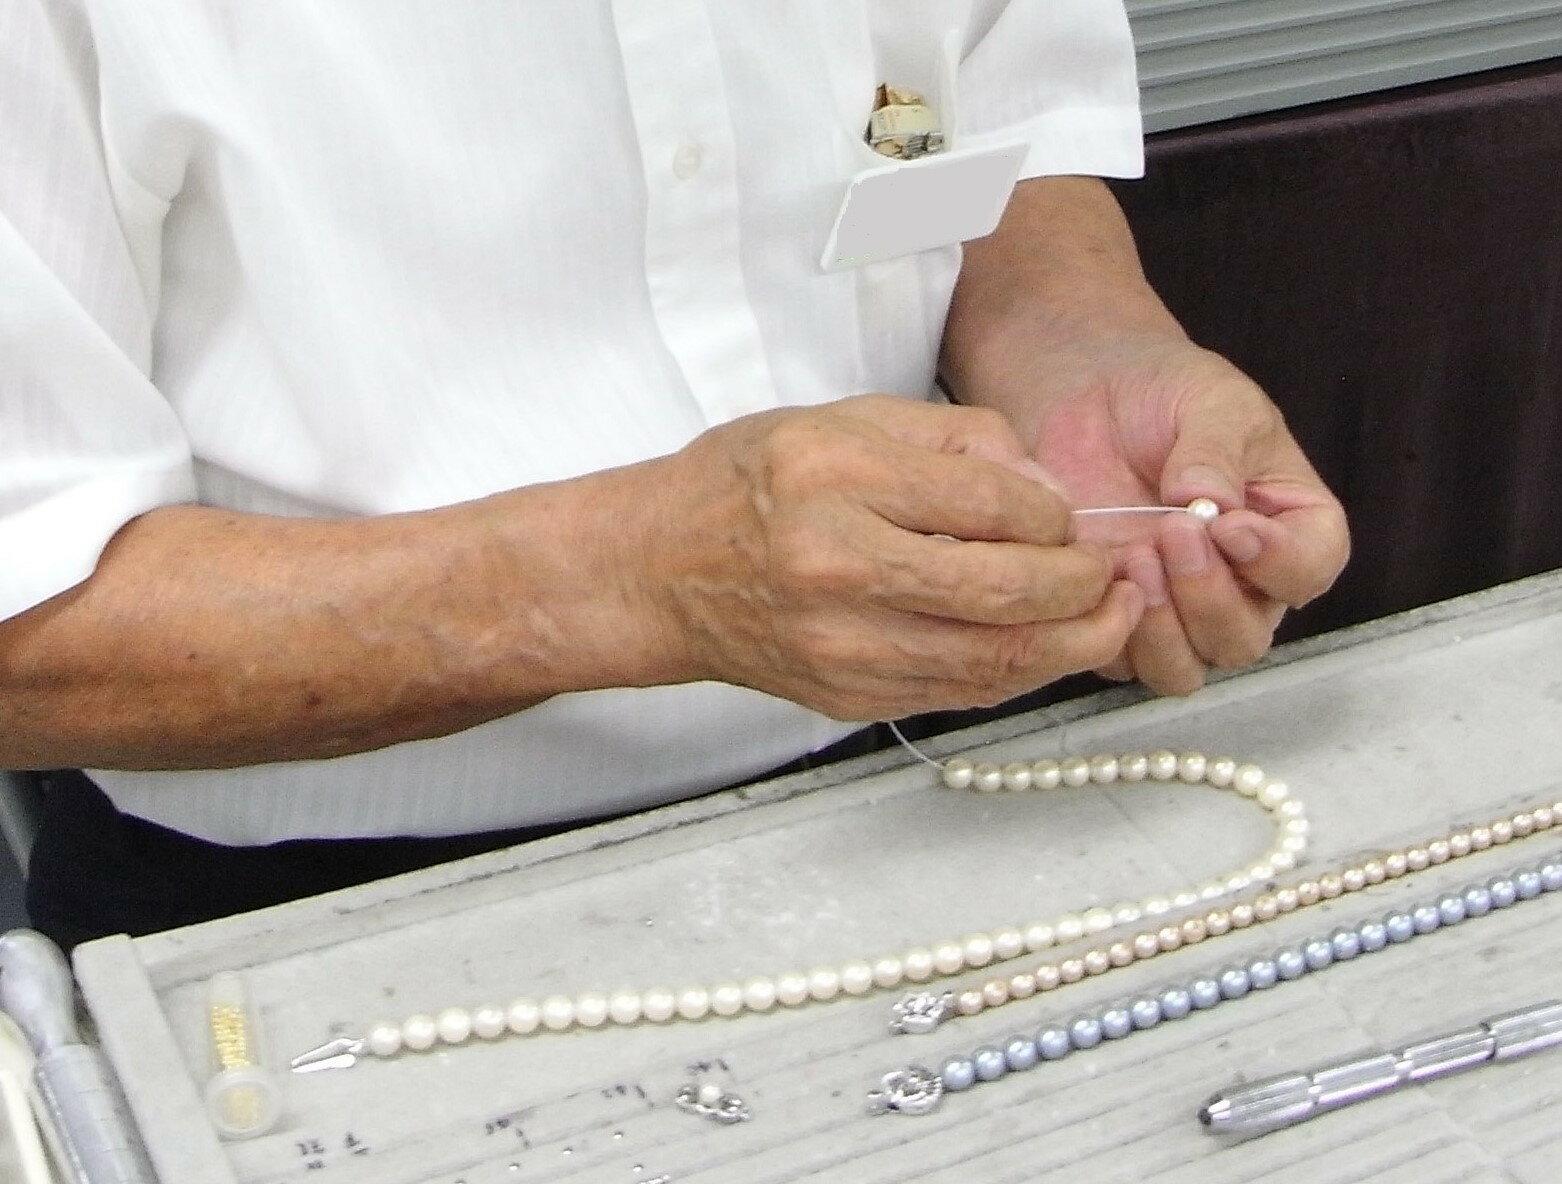 【最短即日発送】水晶ネックレス糸替え<三連ネックレス修理>黄水晶、紫水晶、スモーキークオーツ等パール(真珠)・水晶・琥珀・その他の糸替えも承ります!